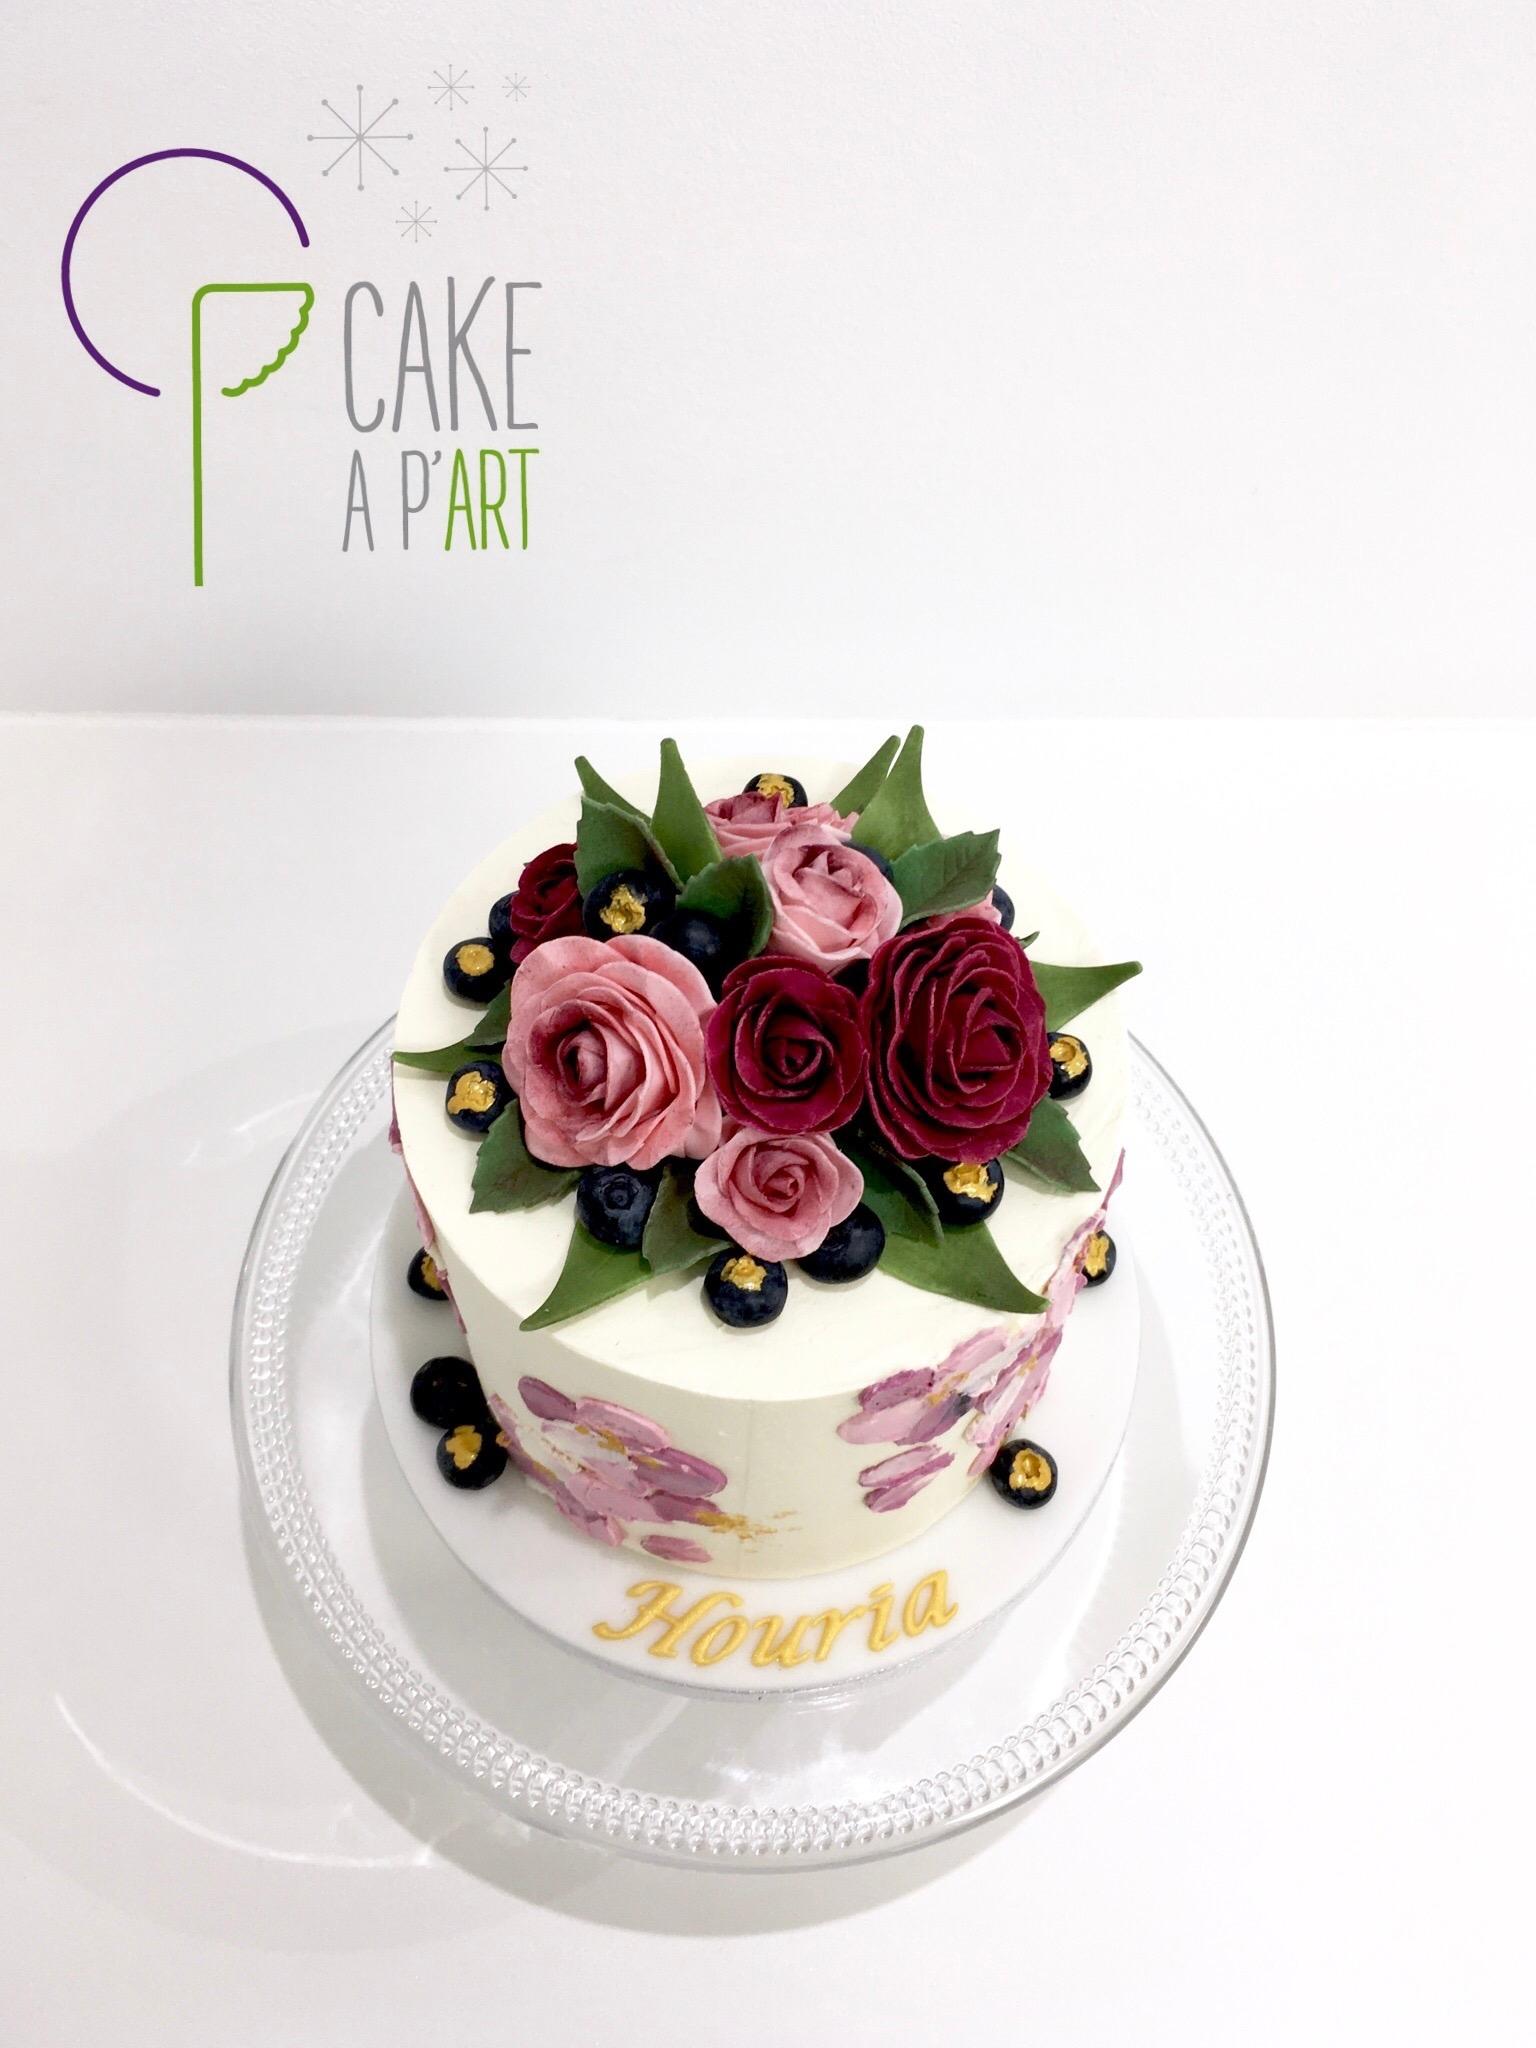 Décor en sucre gâteaux personnalisés - Anniversaire Fleurs Bouquet de roses et feuillage